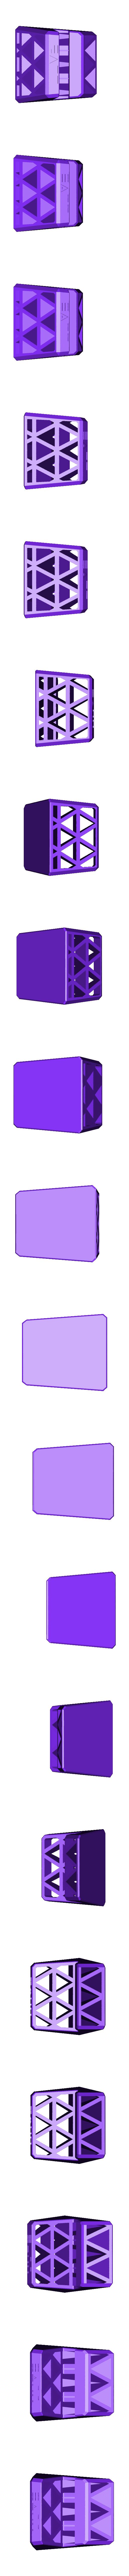 3DPPA_Phone_Stand.stl Télécharger fichier STL gratuit Stand de téléphone et de tablette • Objet pour impression 3D, 3DPrintProjectAthens